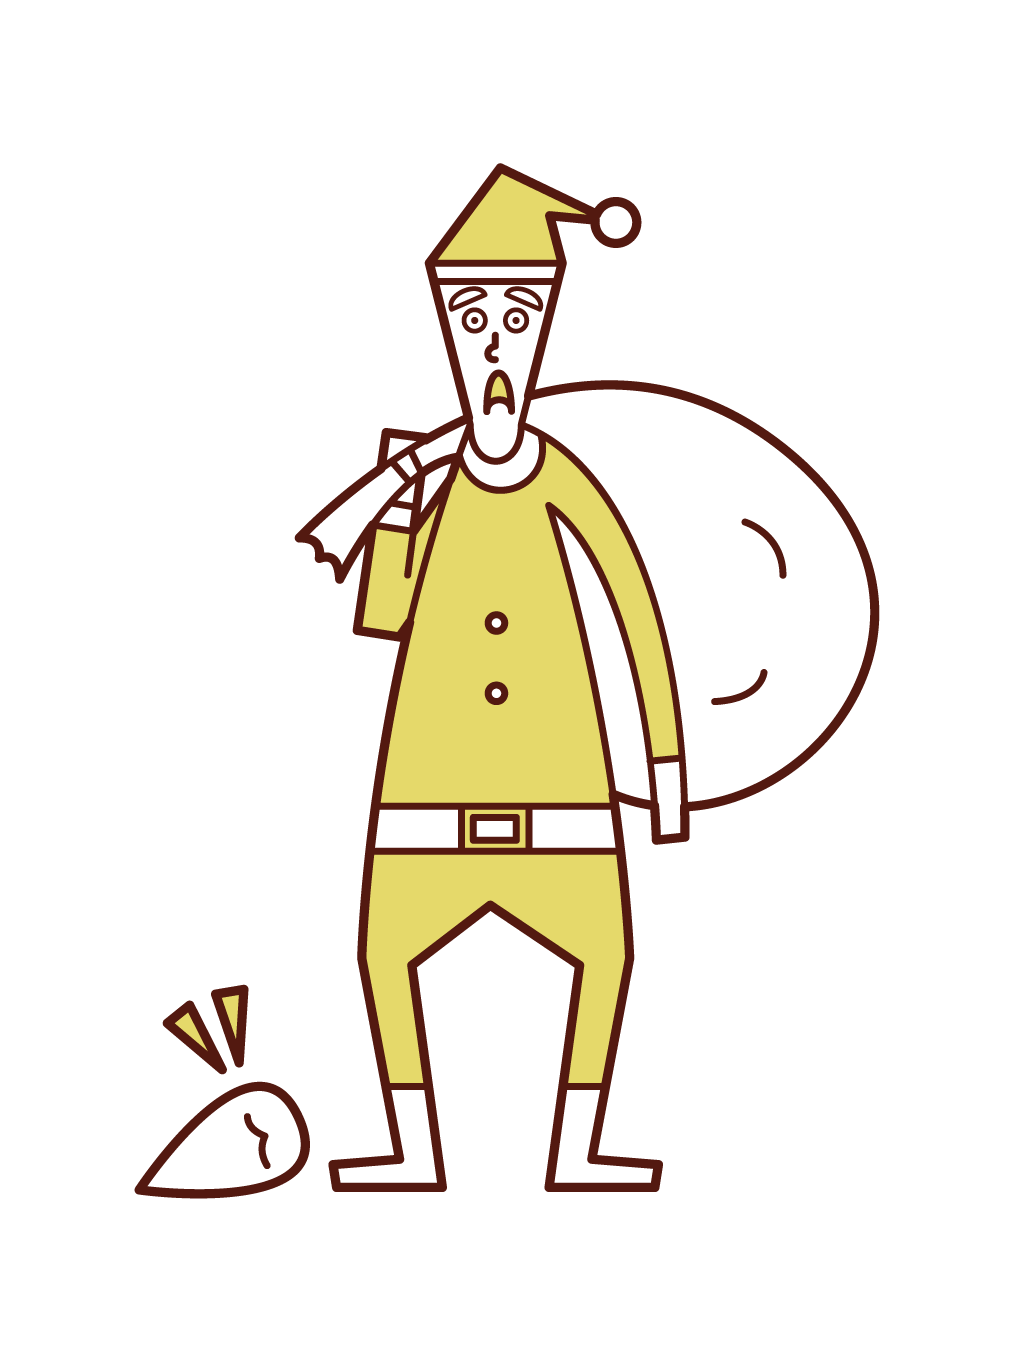 付け髭を落としたサンタクロース(男性)のイラスト